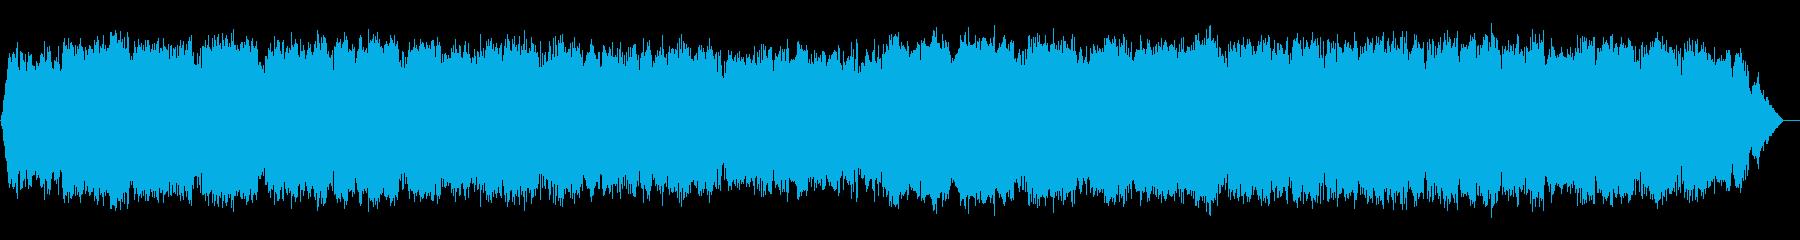 おしゃれな竹笛の静かなジャズバラードの再生済みの波形